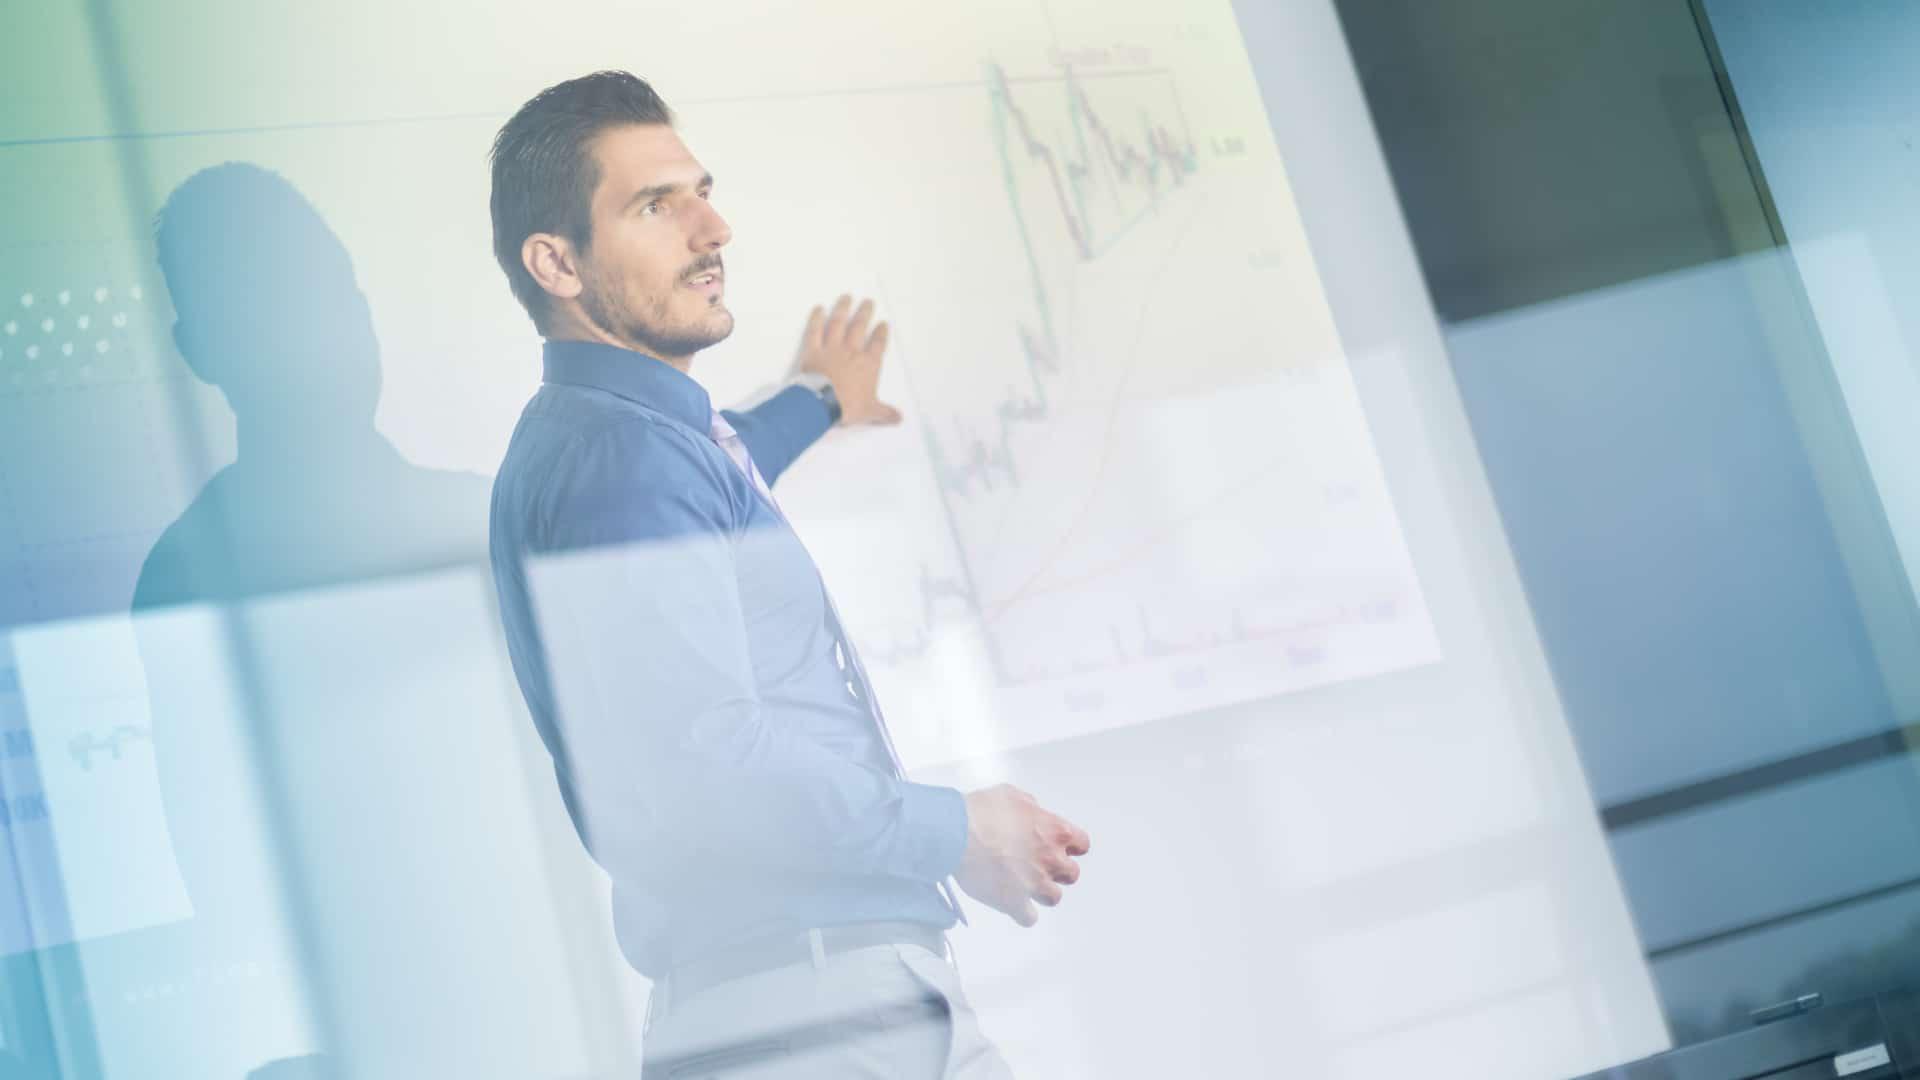 Lyckas med din presentation Försäljningschefen